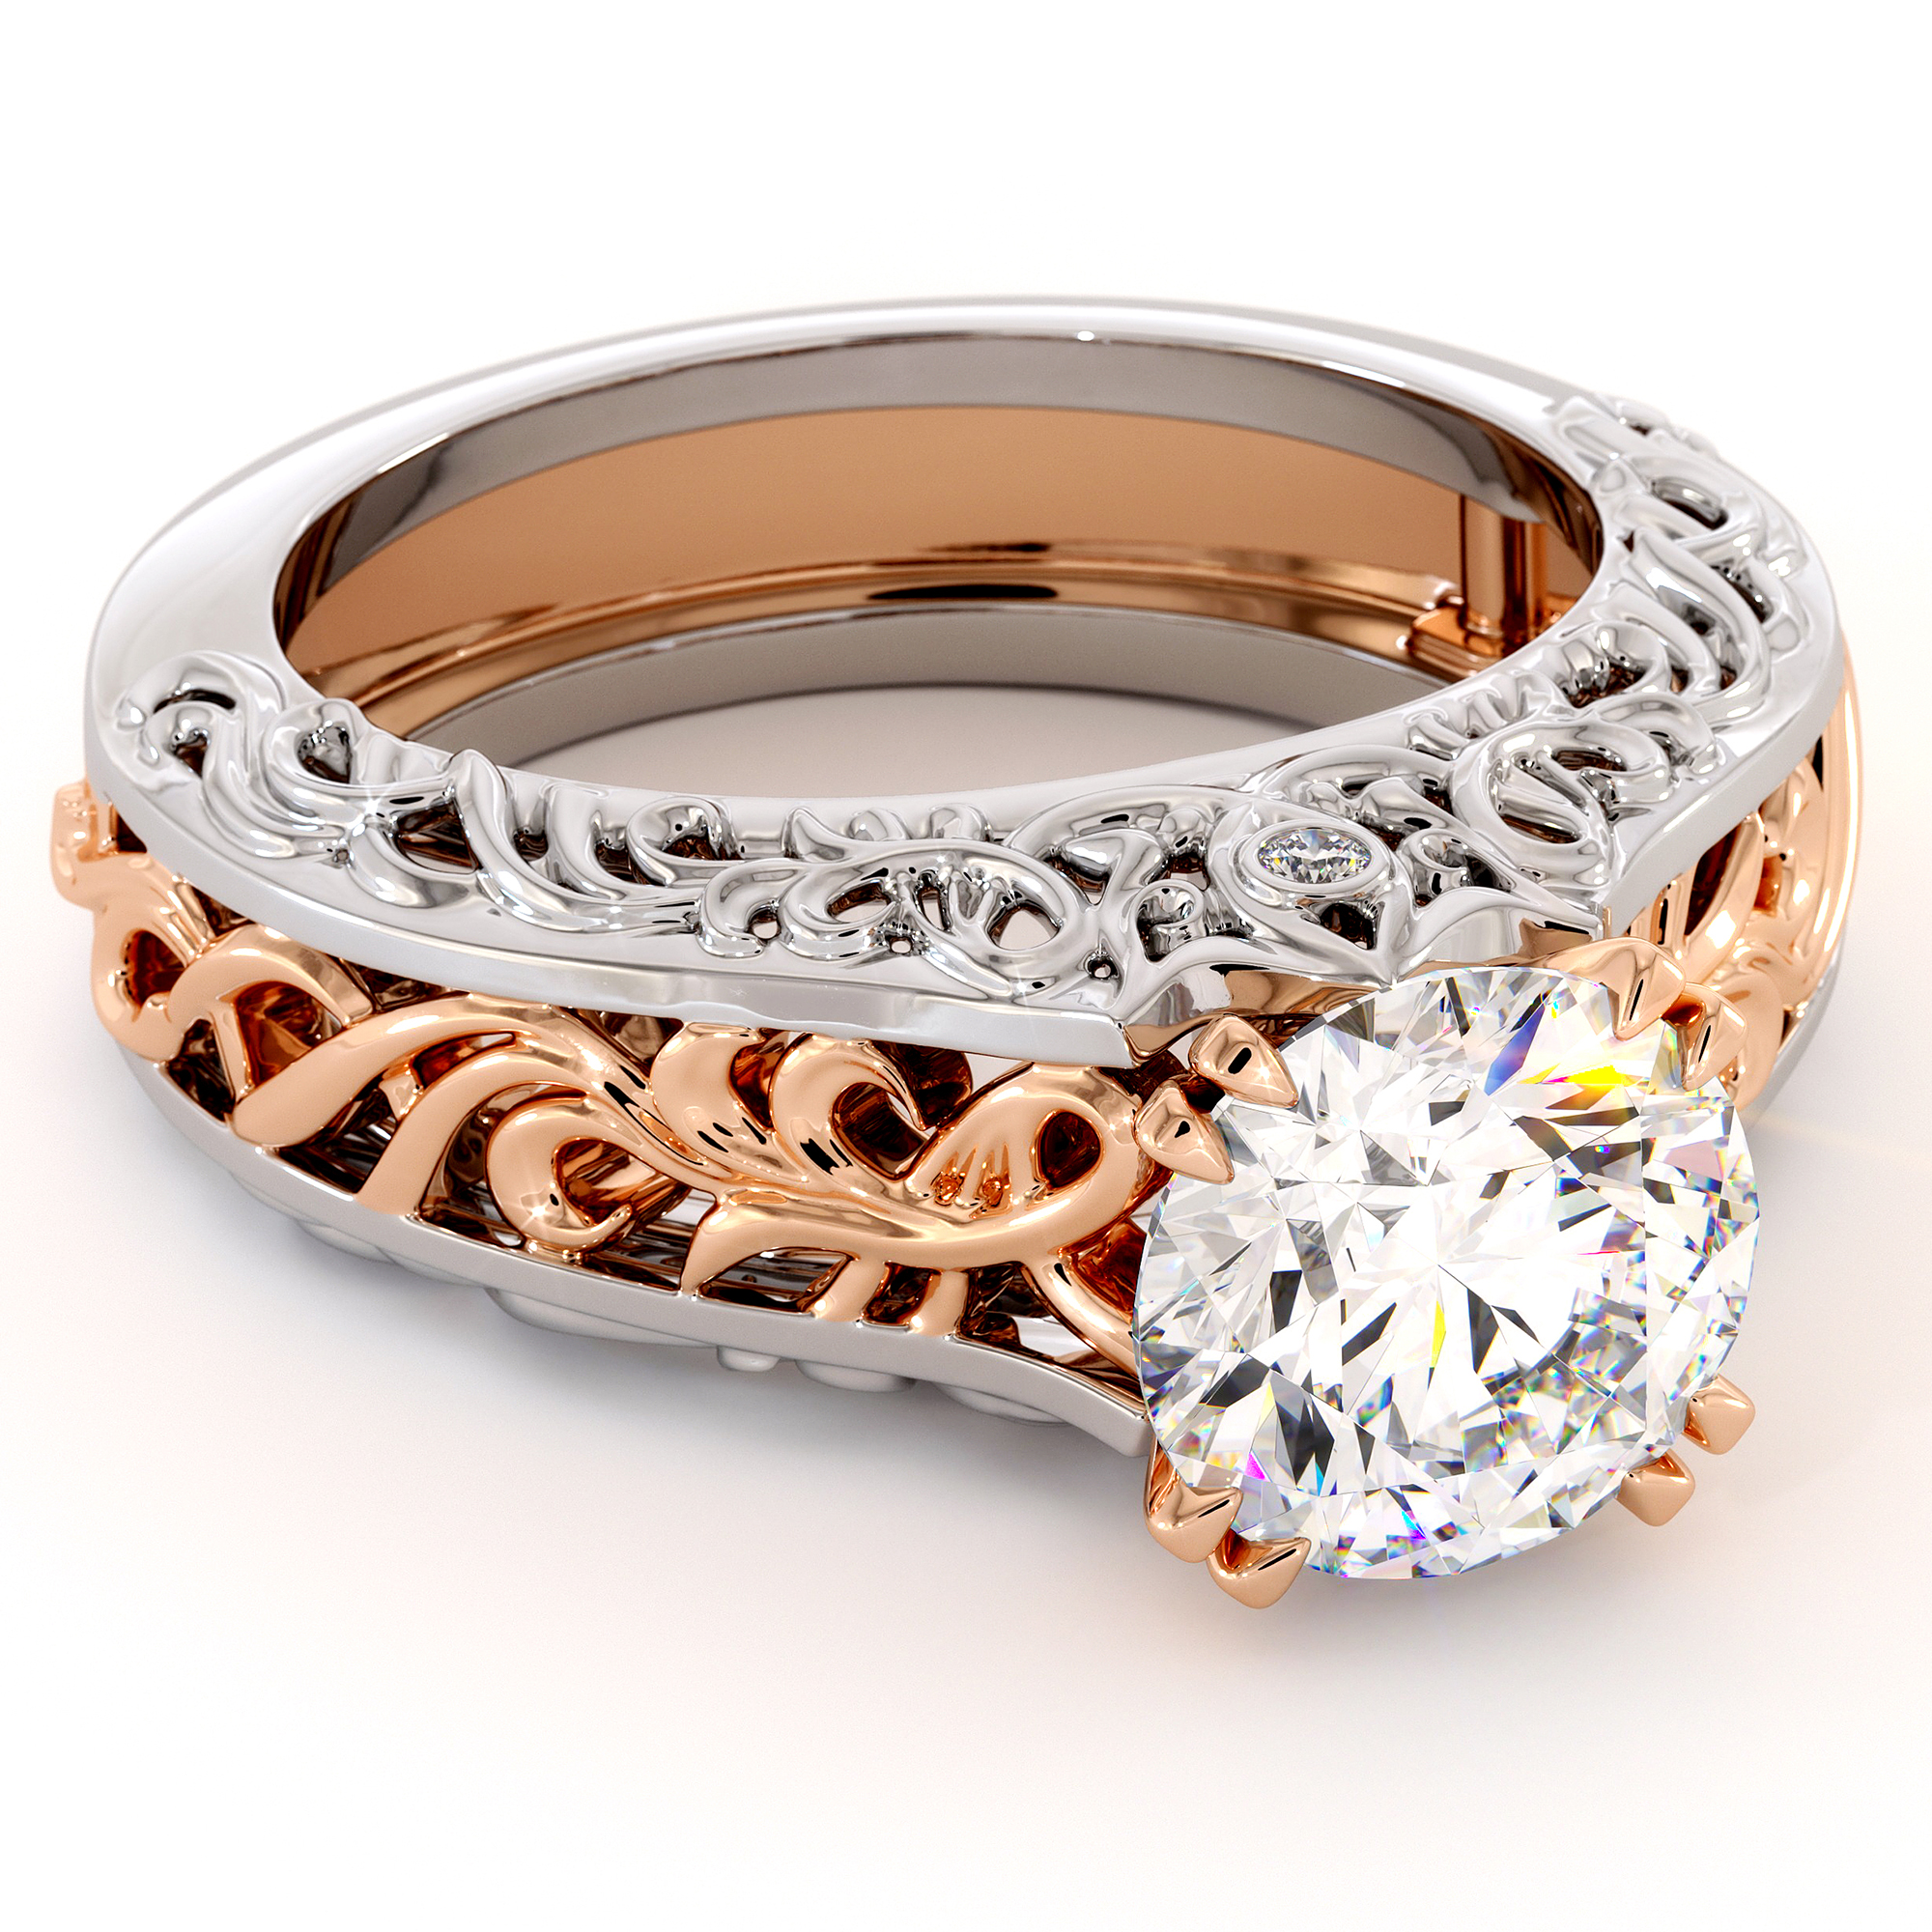 Splendid Royal 2 Carat Moissanite Gold Filigree Engagement Ring